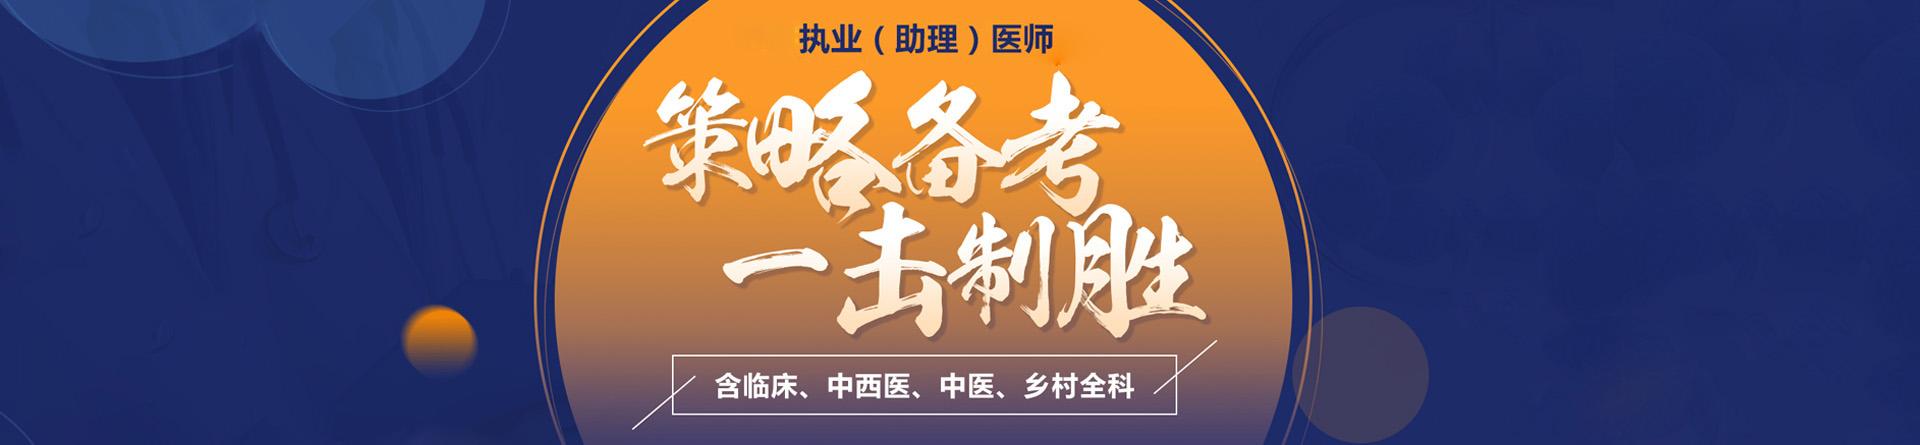 江苏连云港优路教育培训学校